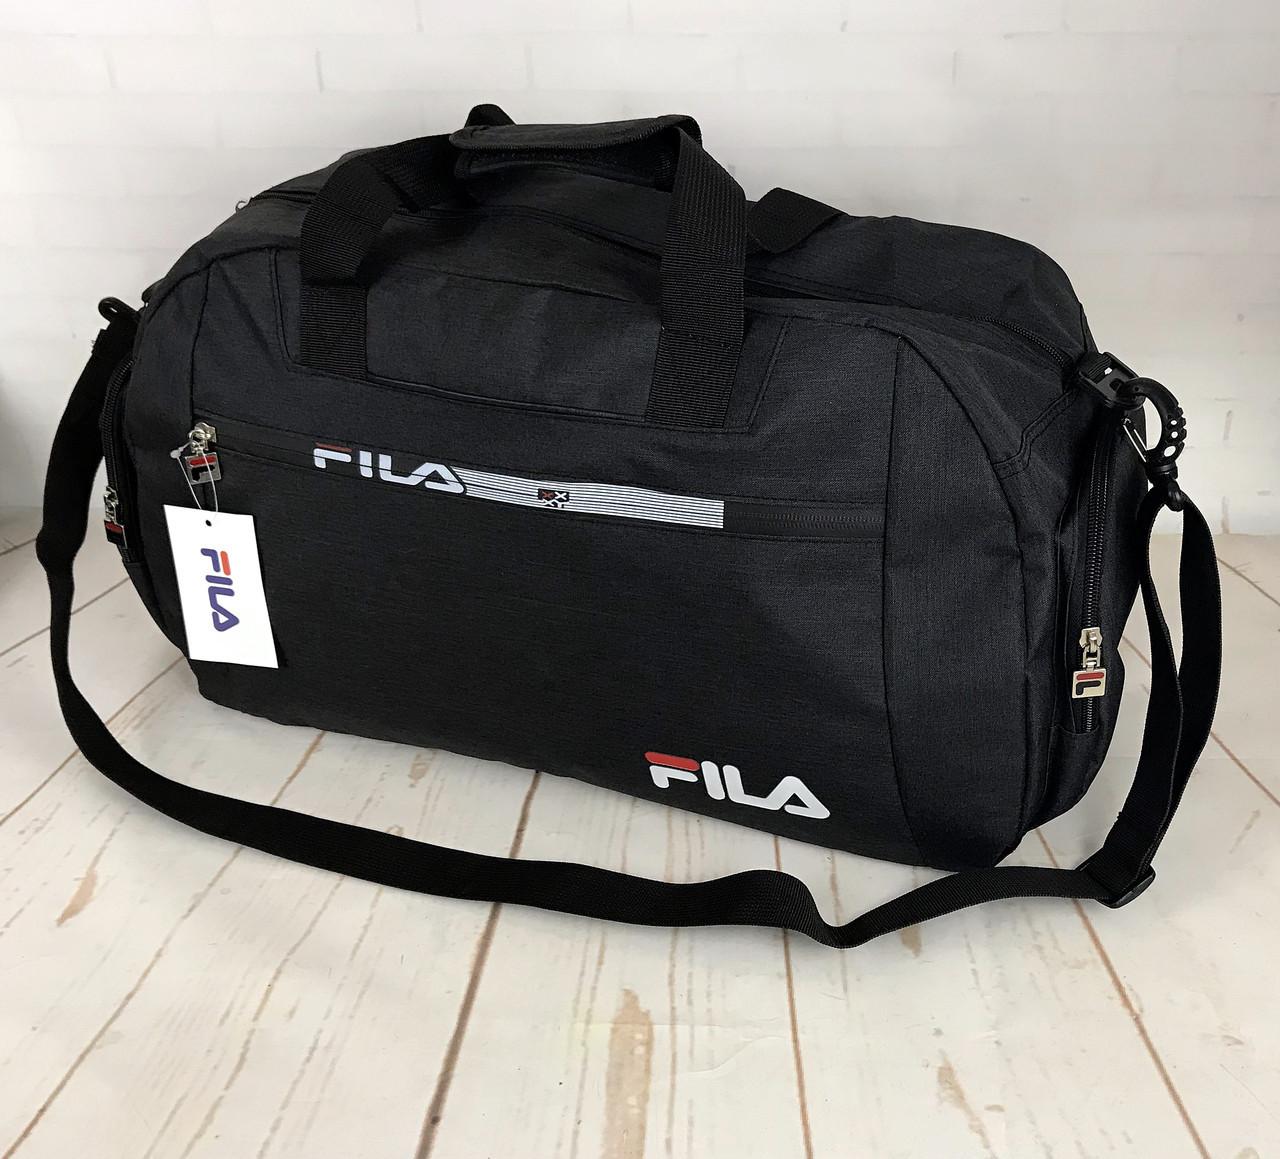 36cc989e Красивая спортивная сумка Fila.Сумка для тренировок. Дорожная сумка КСС29-1  - Интернет